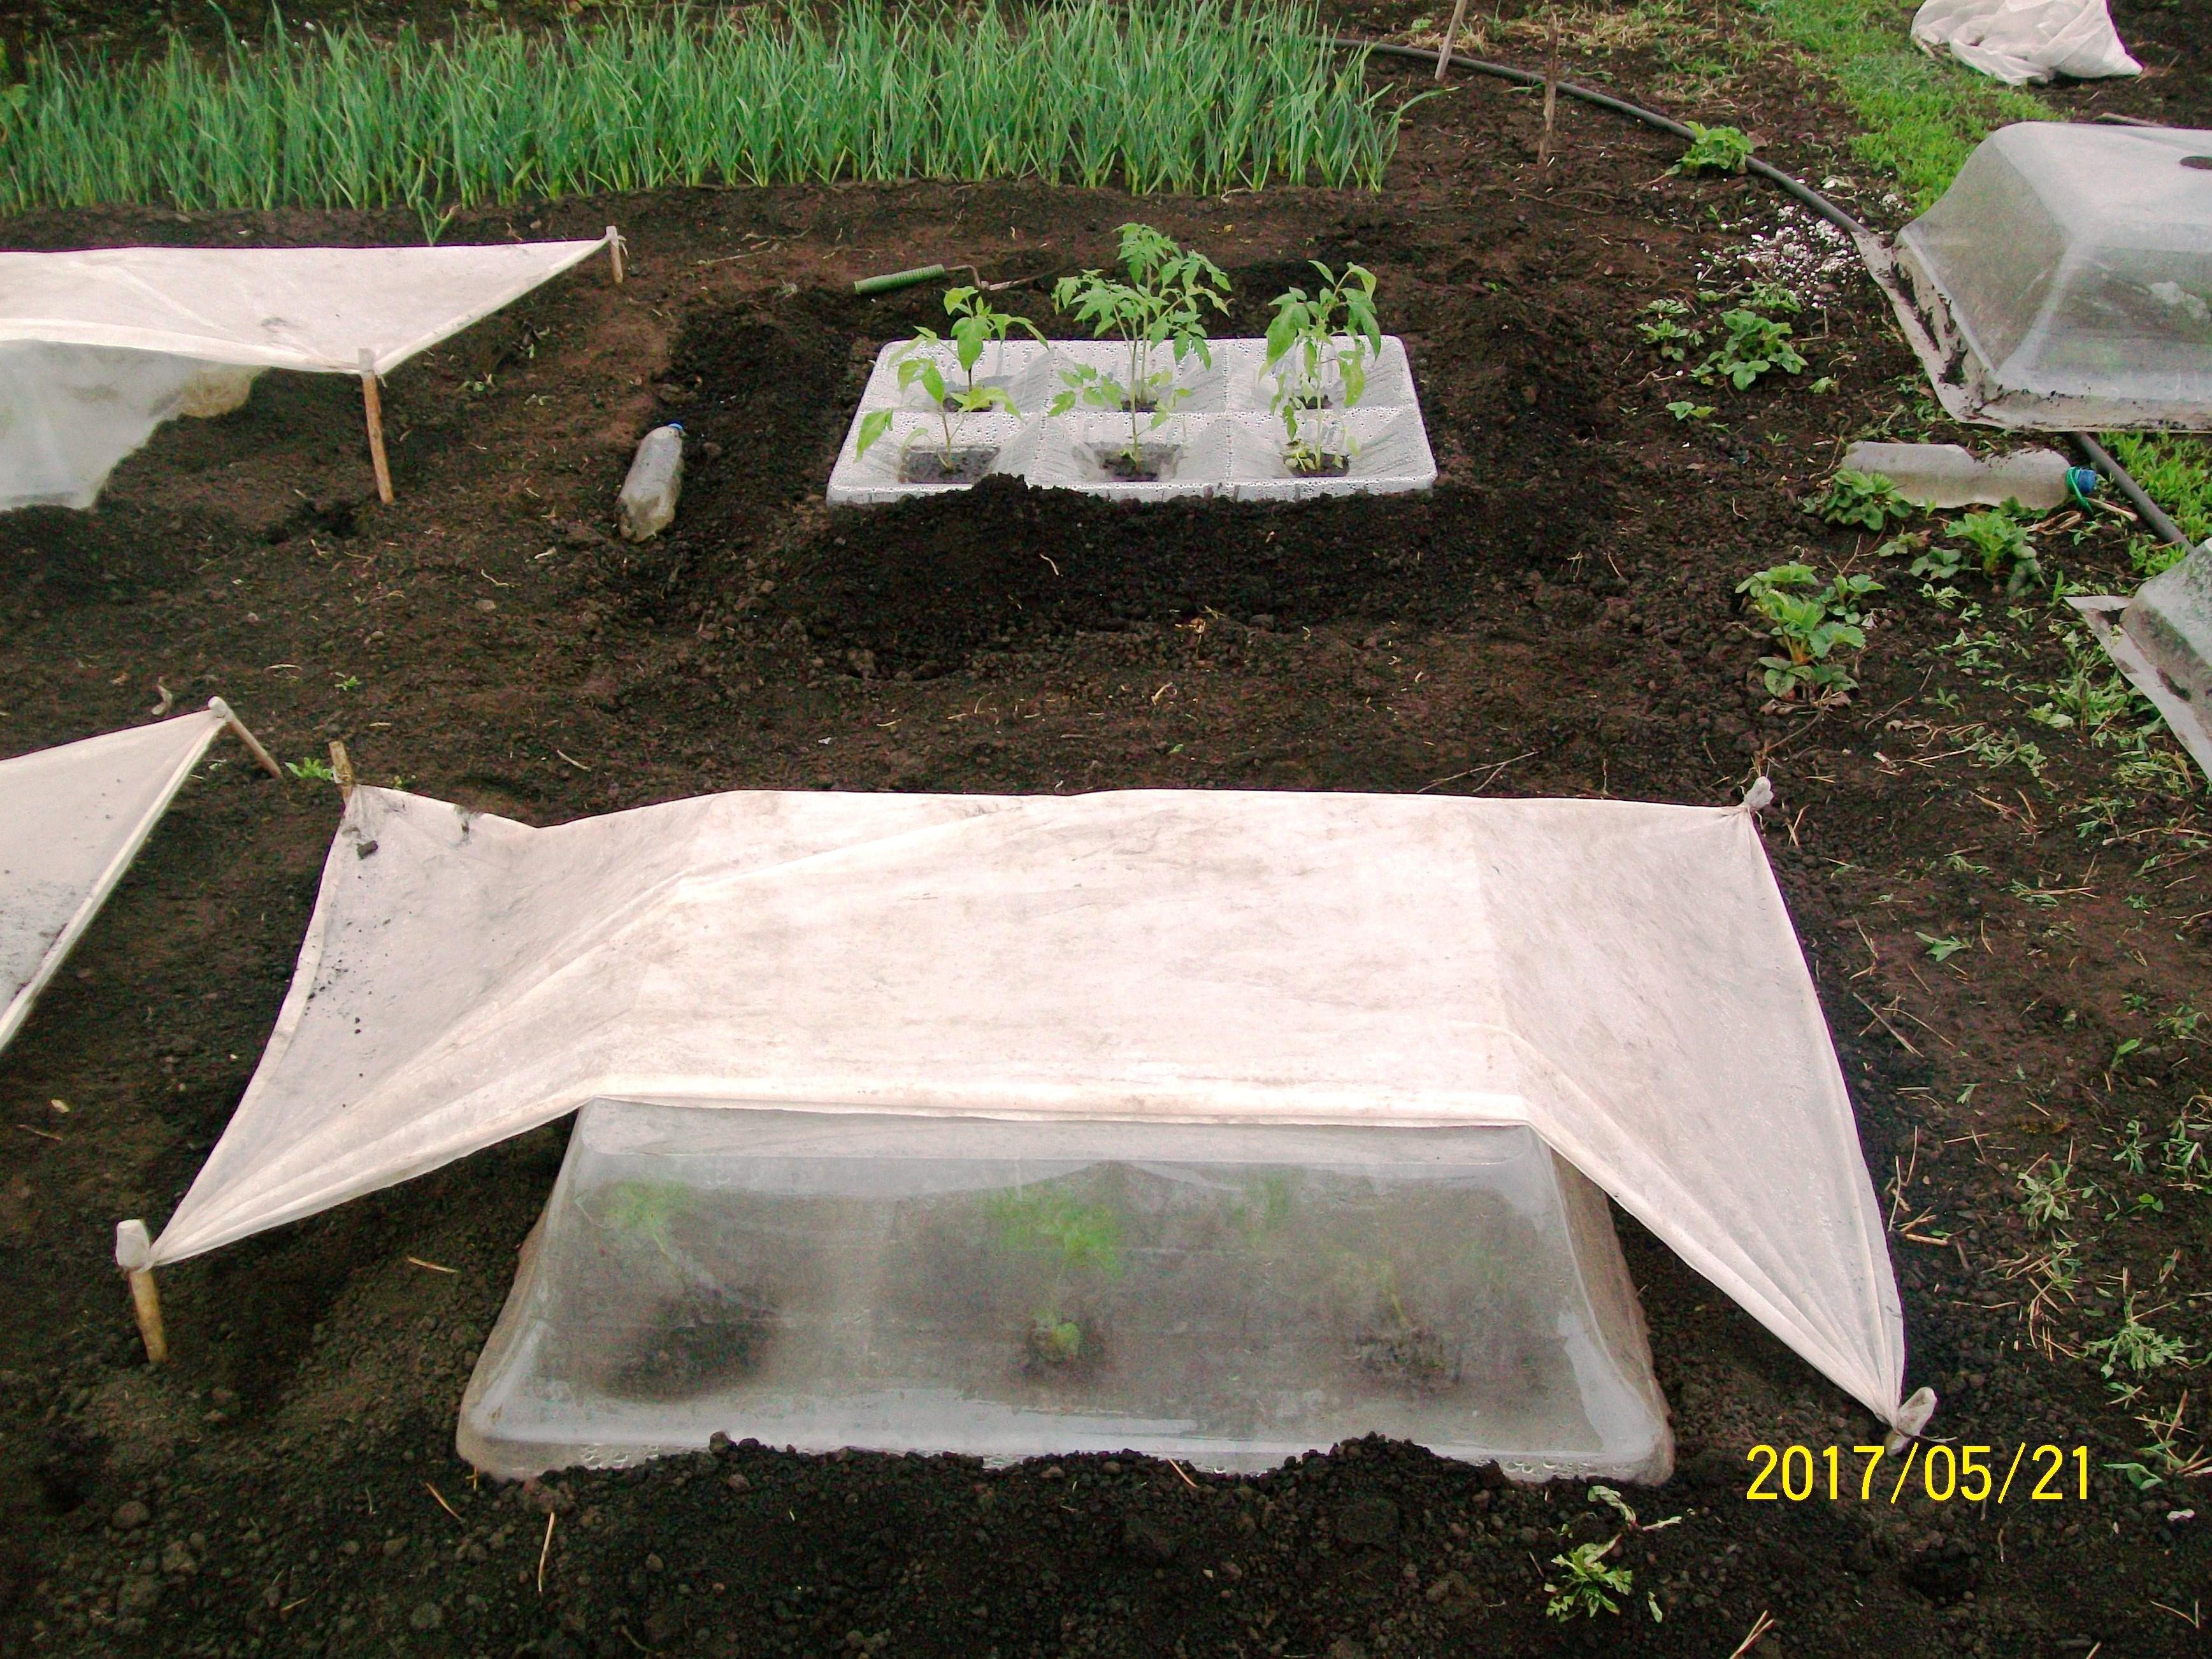 Защита высаженной томатной рассады от холодов и от перегрева при долгом отсутствии садовода, май 2017